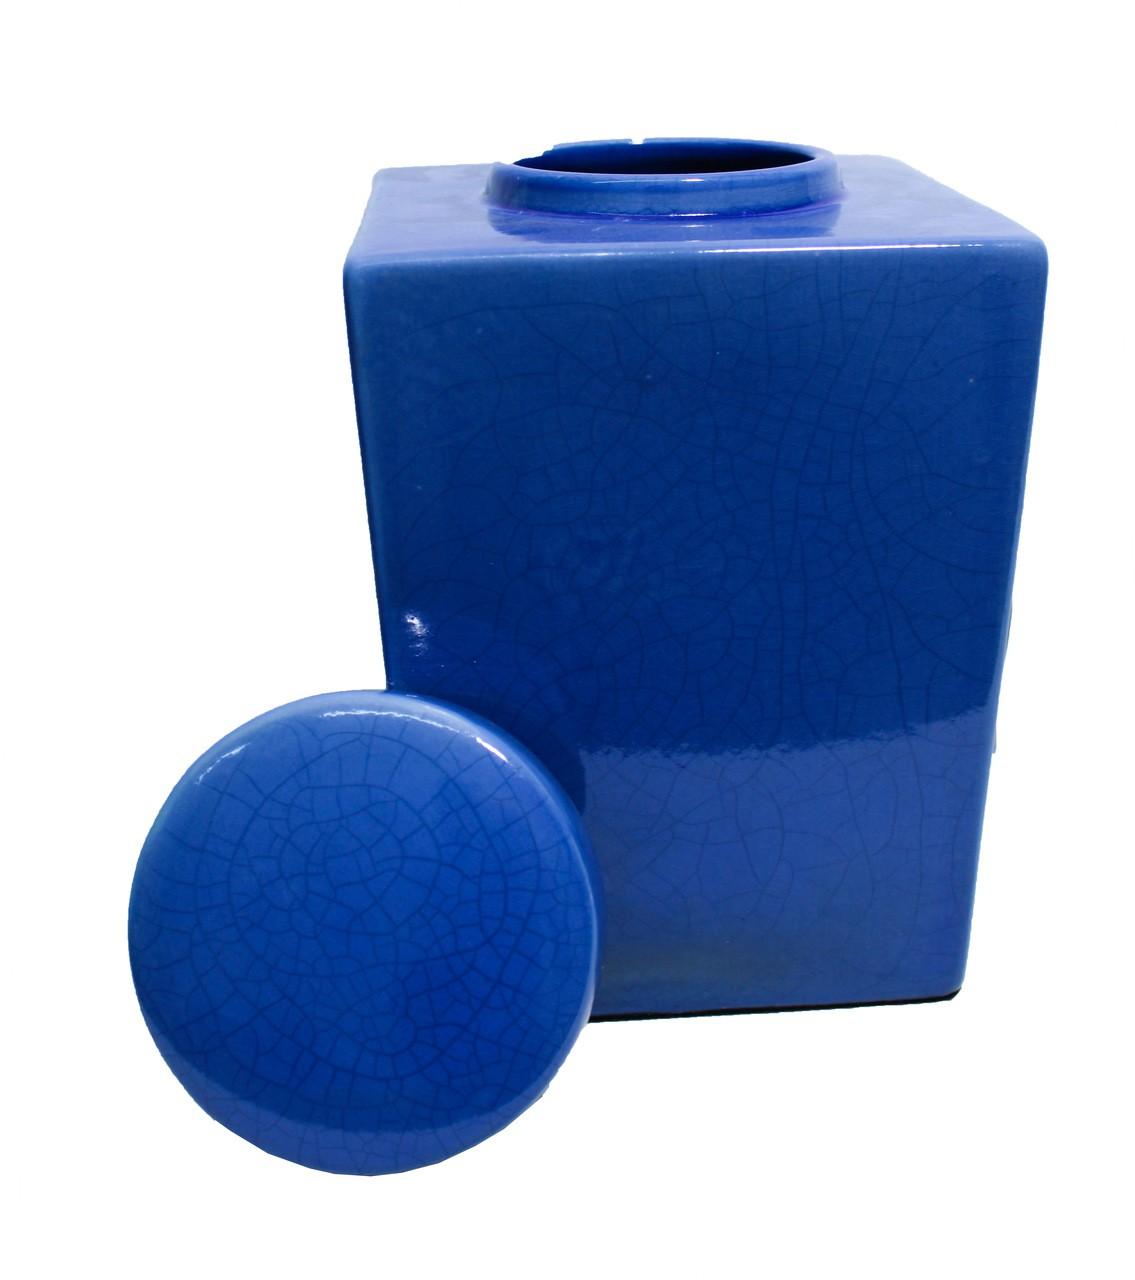 Pote Quadrado M Azul Novo